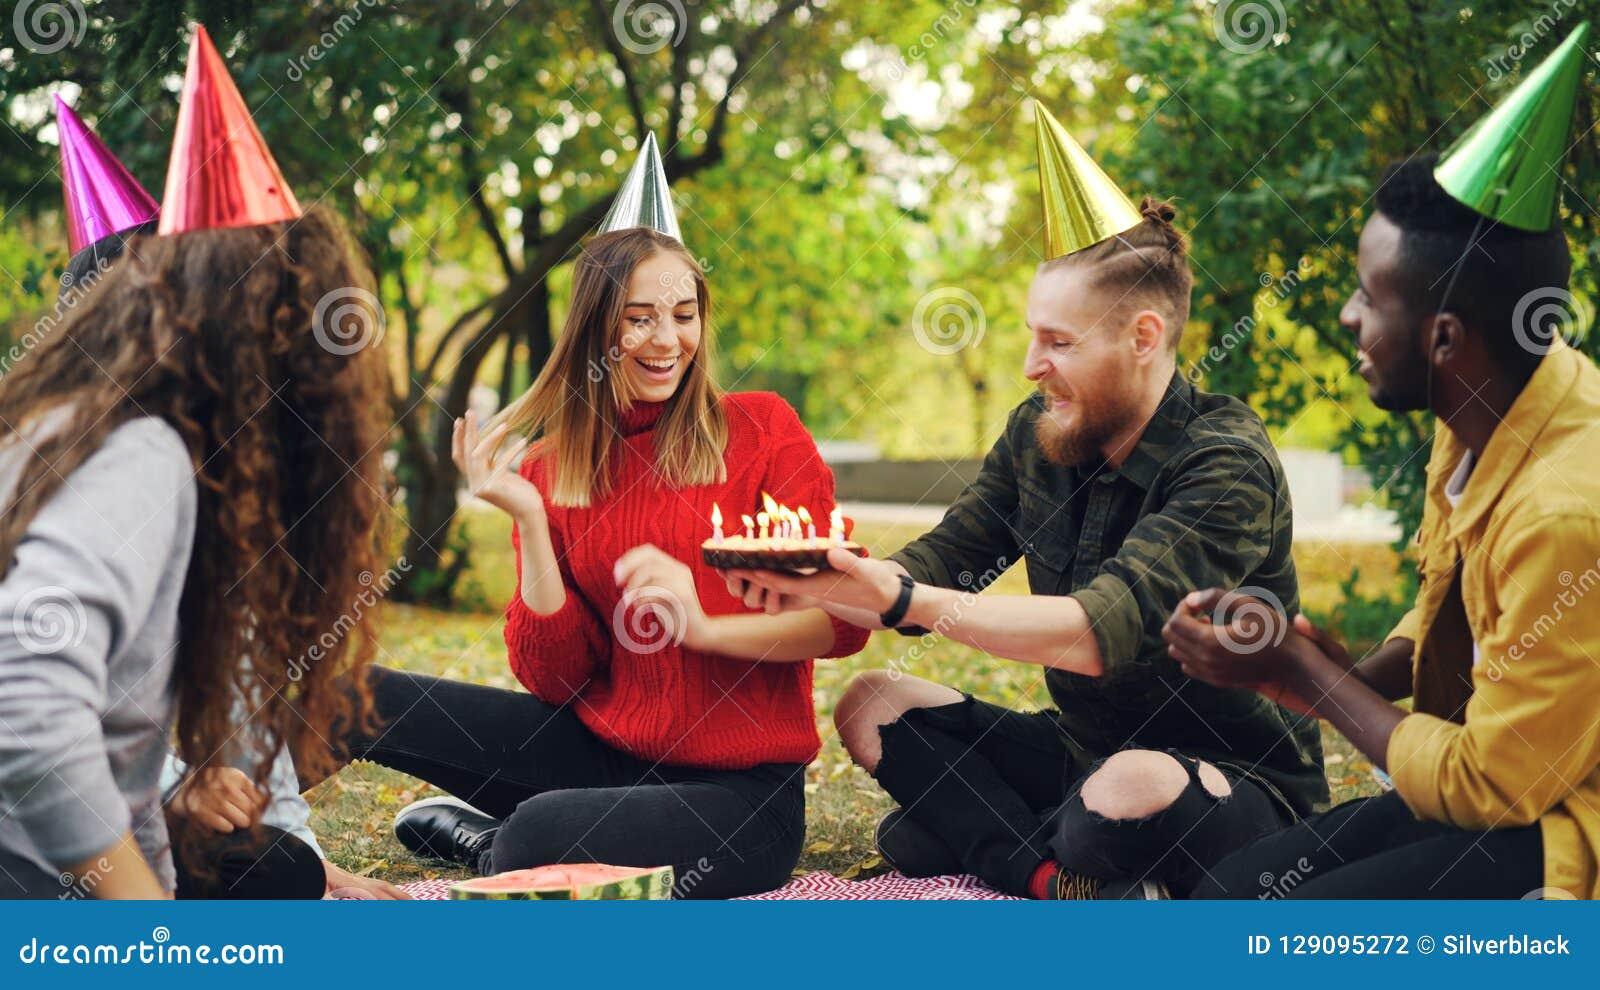 党帽子的美丽的女孩在做愿望的野餐的公园庆祝与朋友的生日,吹蜡烛在蛋糕